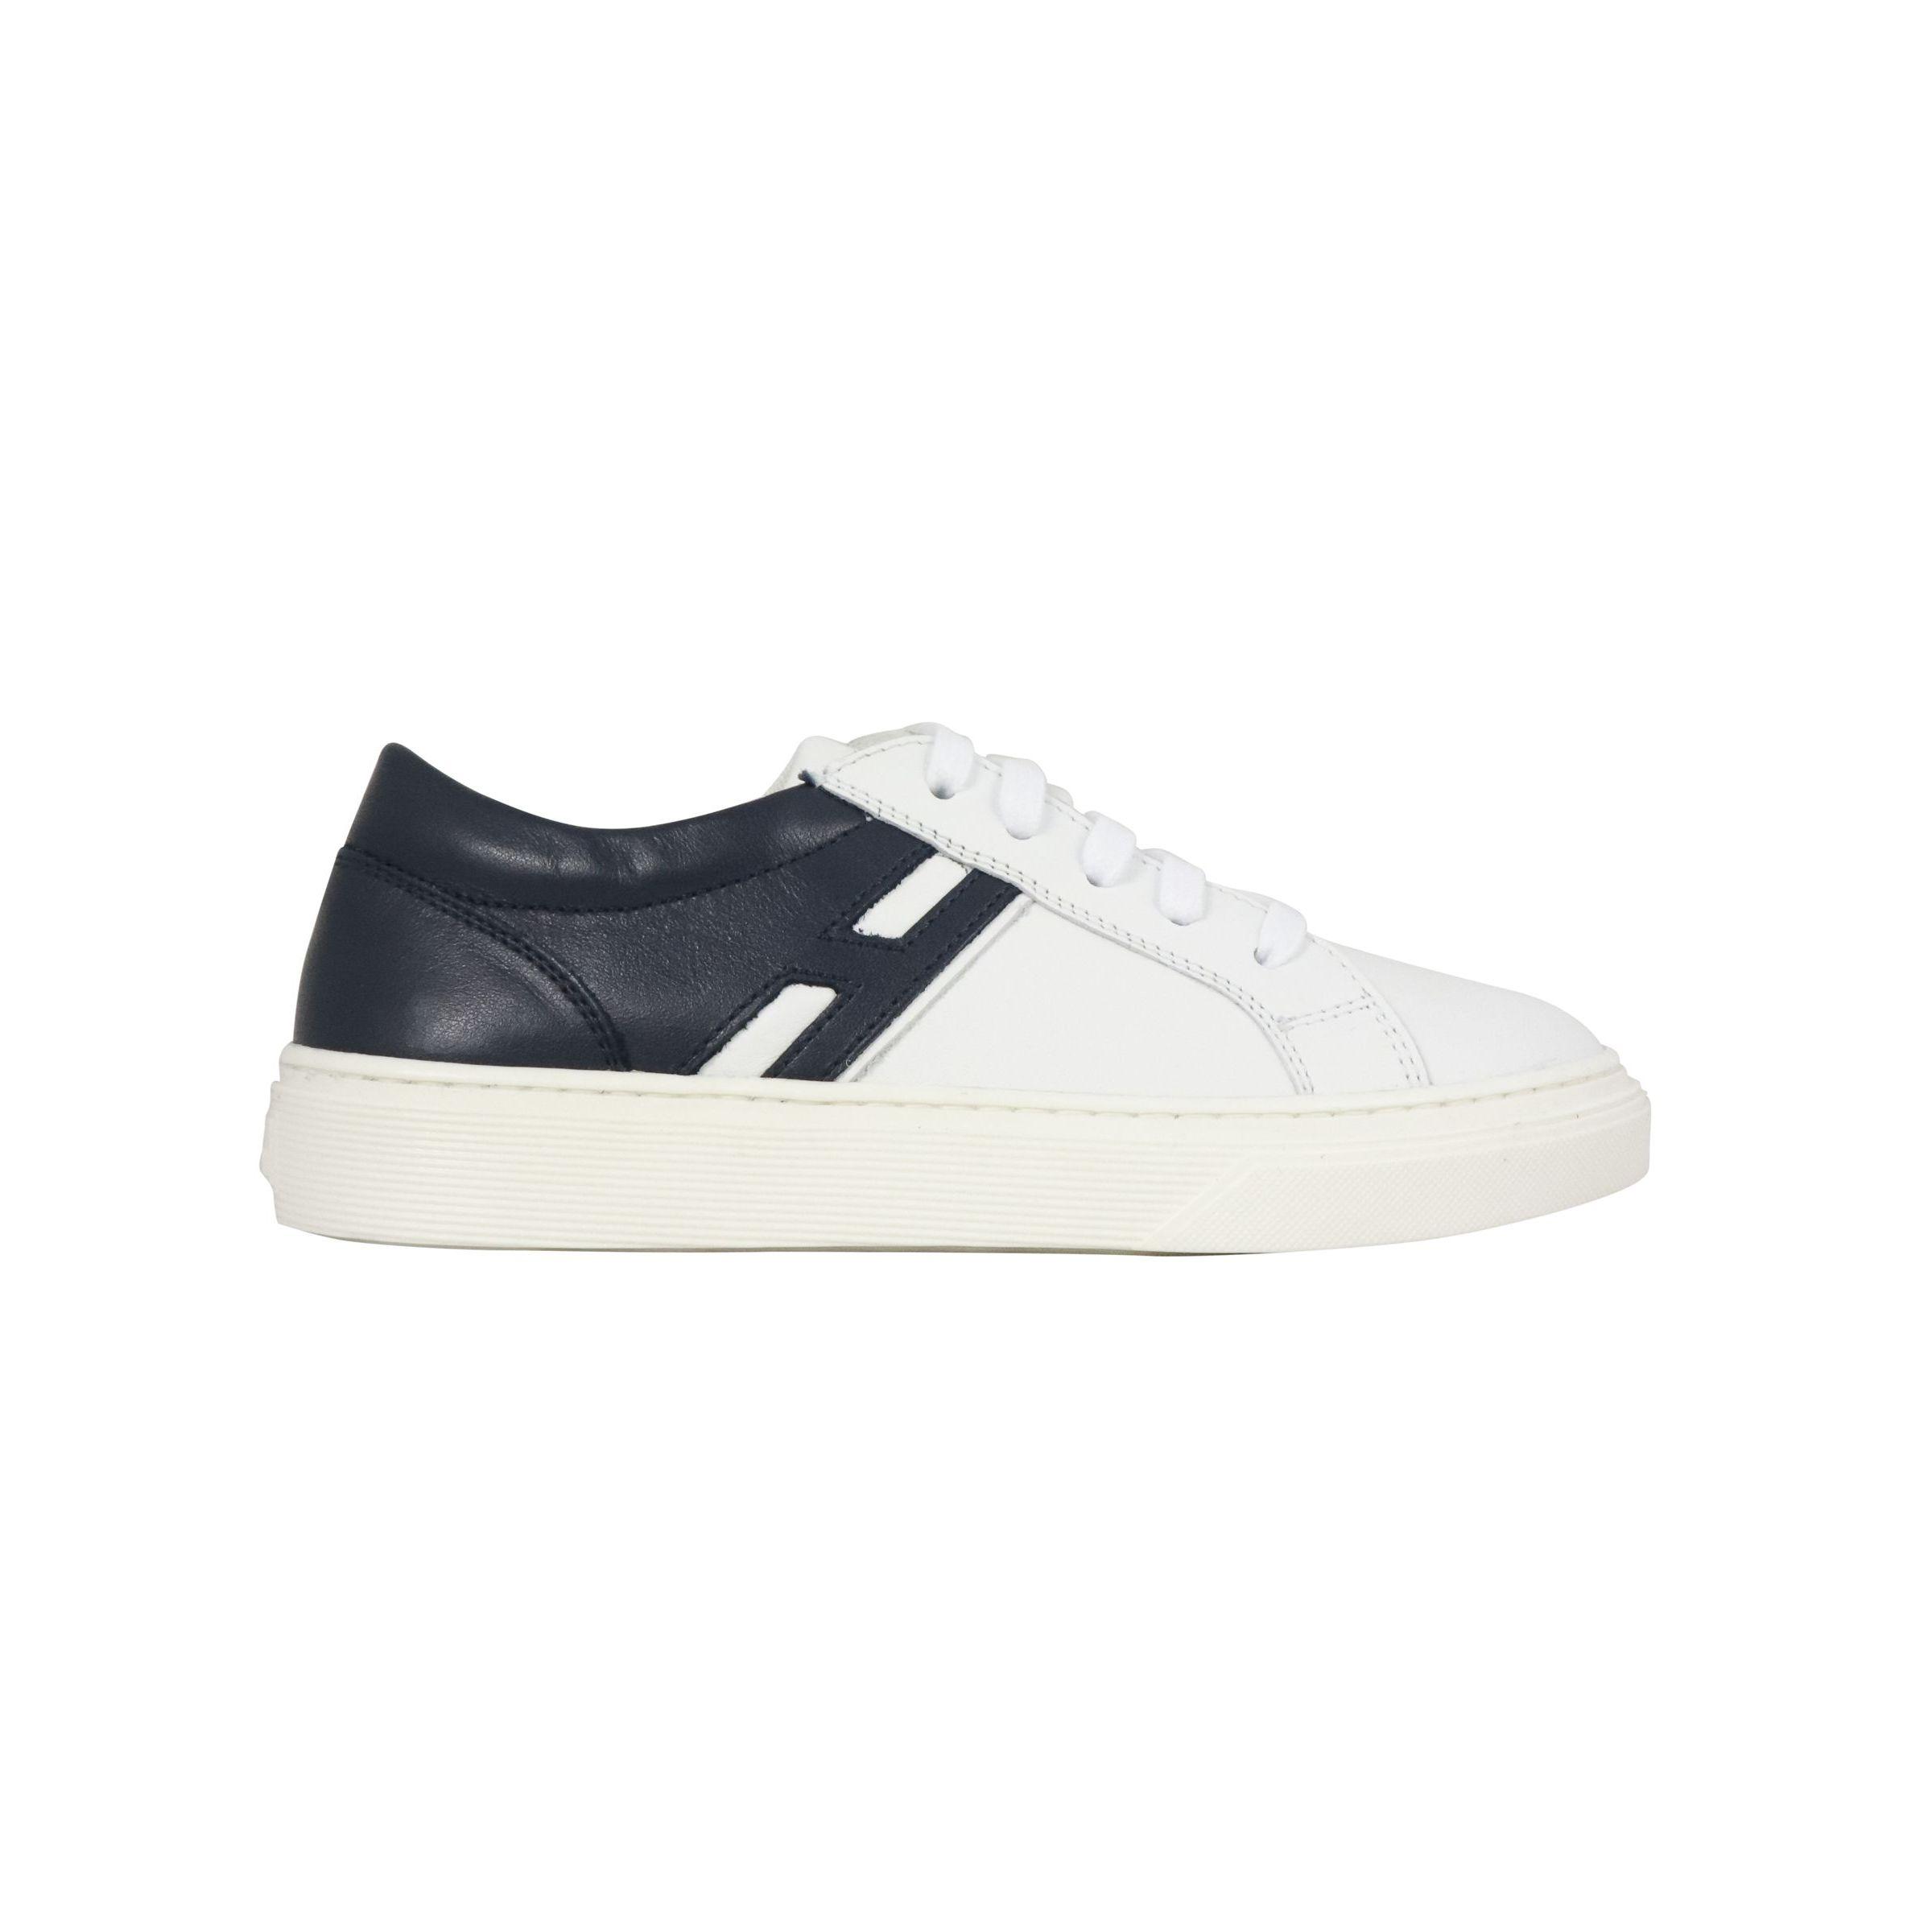 Sneakers Hogan in pelle bicolore con fondo cassetta Blu/bianco ...